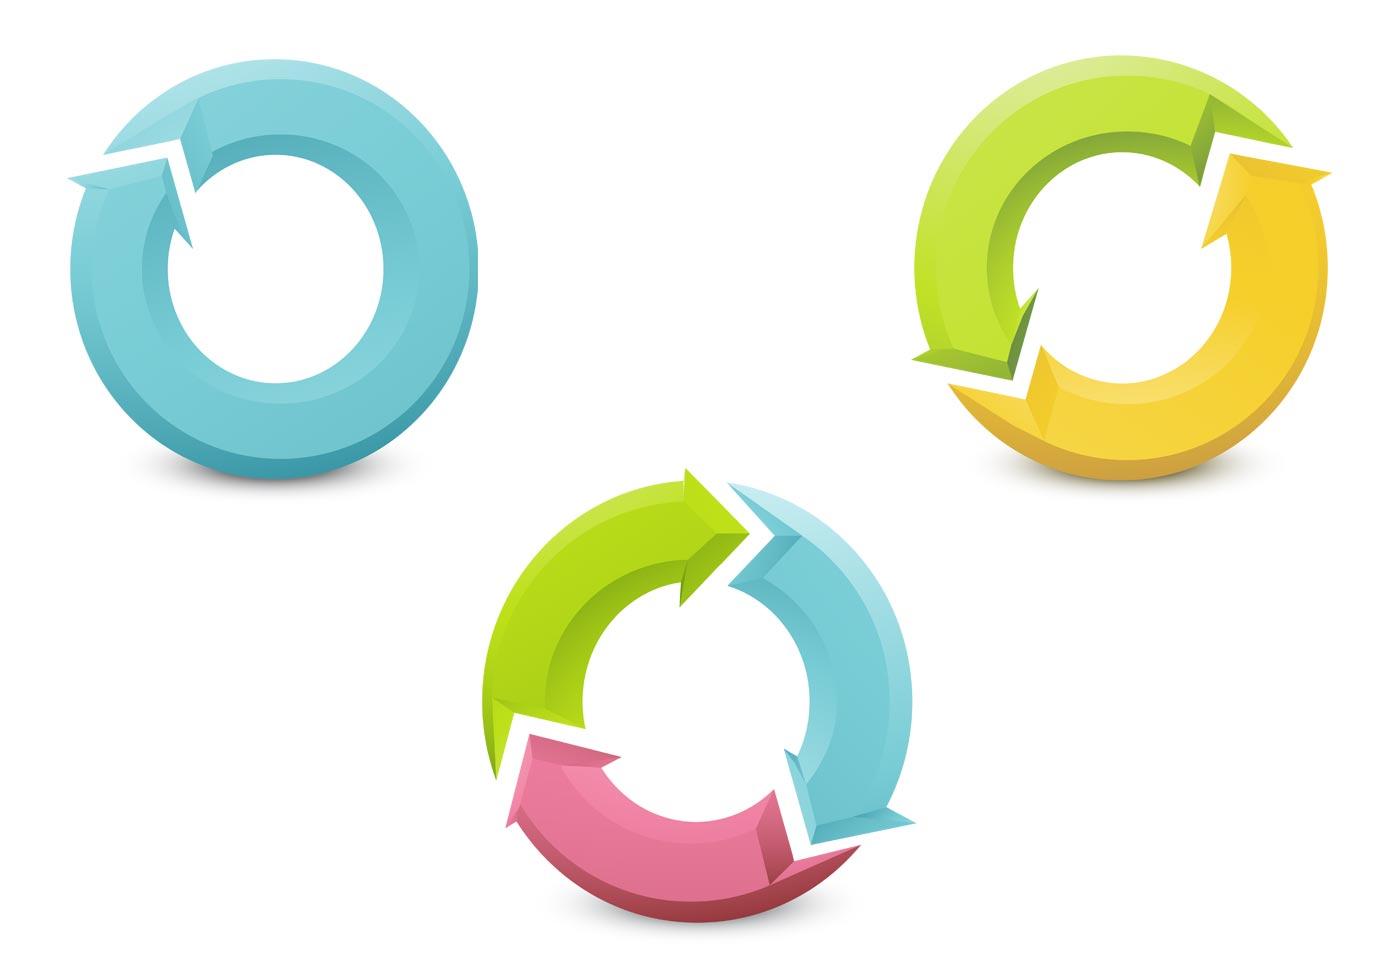 3D Circular Arrow Vector Pack - Download Free Vectors ...